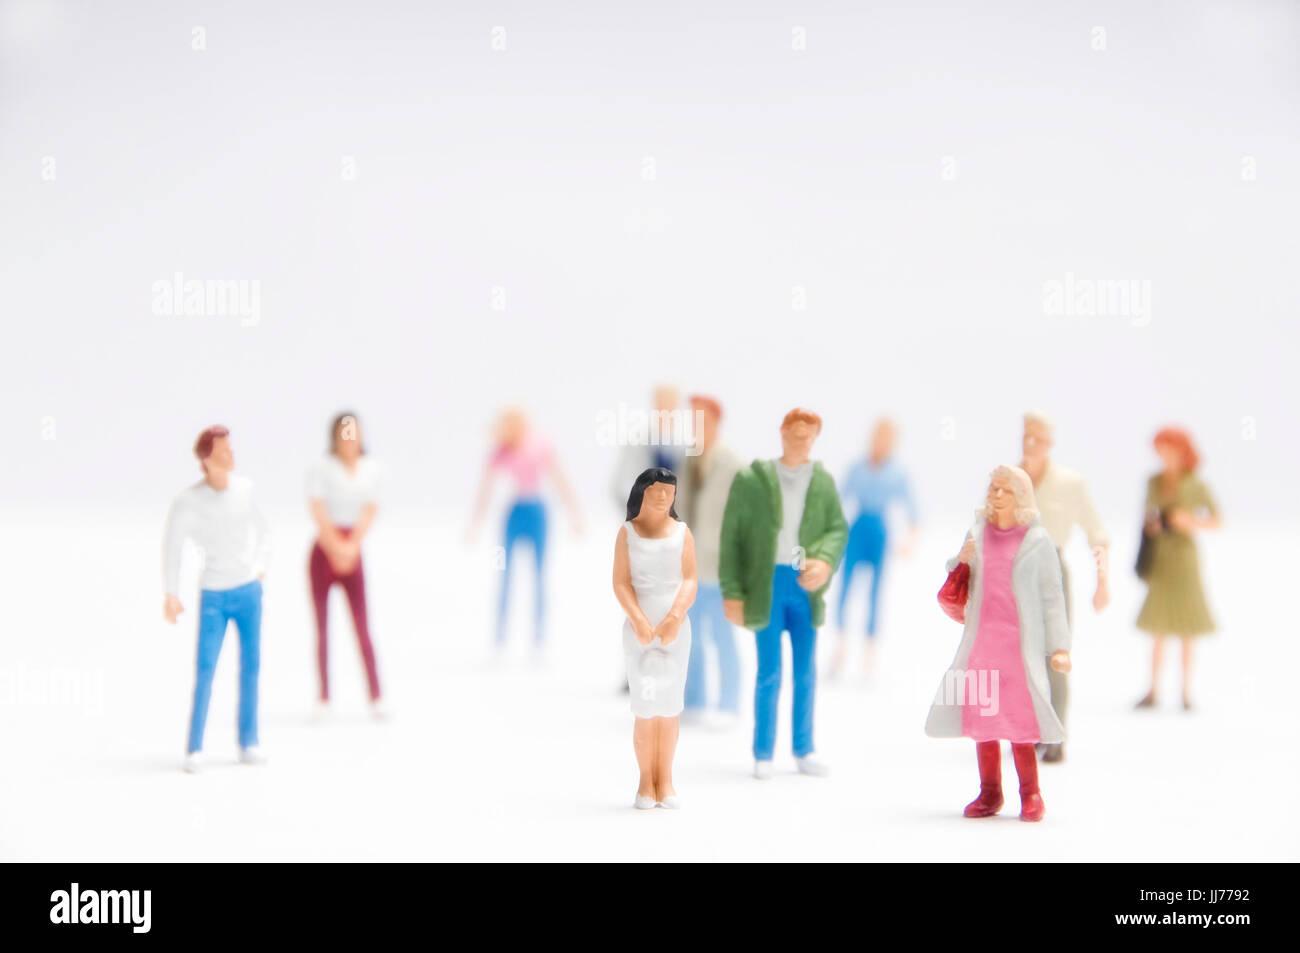 Minifigürchen von Frauen und Männer, die als Konzept für die Belegschaft, soziale Medien, Soziologie Stockfoto